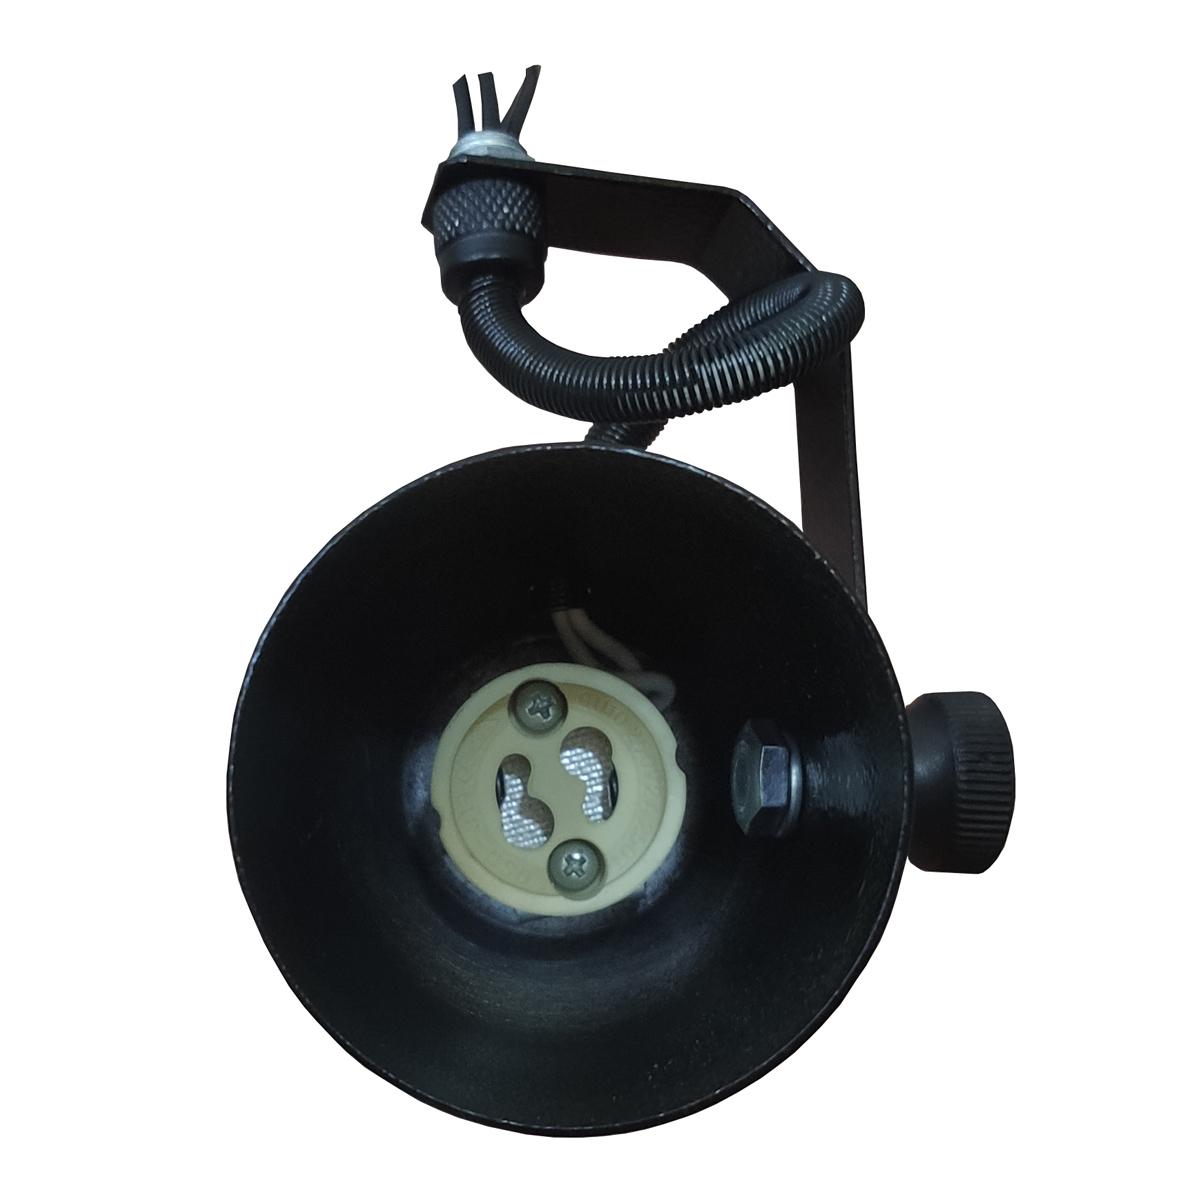 Canhão Refletor Residencial Mini Spot Par 16 Dicroica Preto - Volt  - RS Som e Luz!